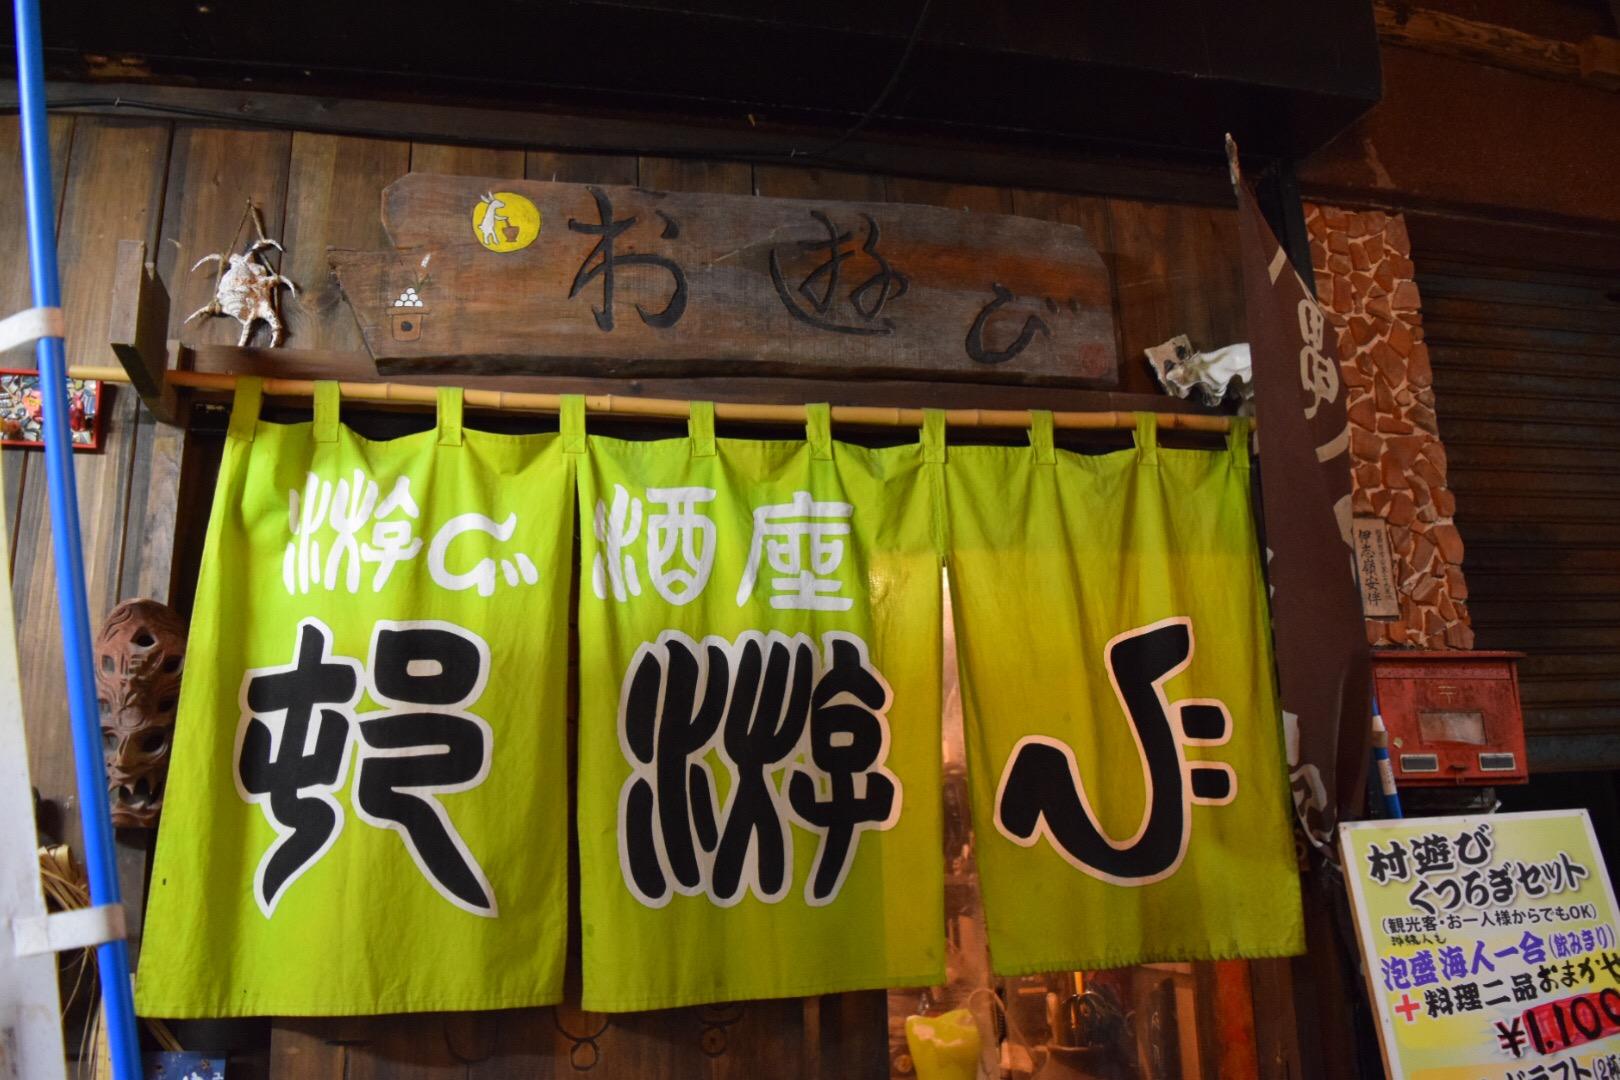 那覇de居酒屋放浪記 おすすめ沖縄の居酒屋!栄町市場 「村遊び」